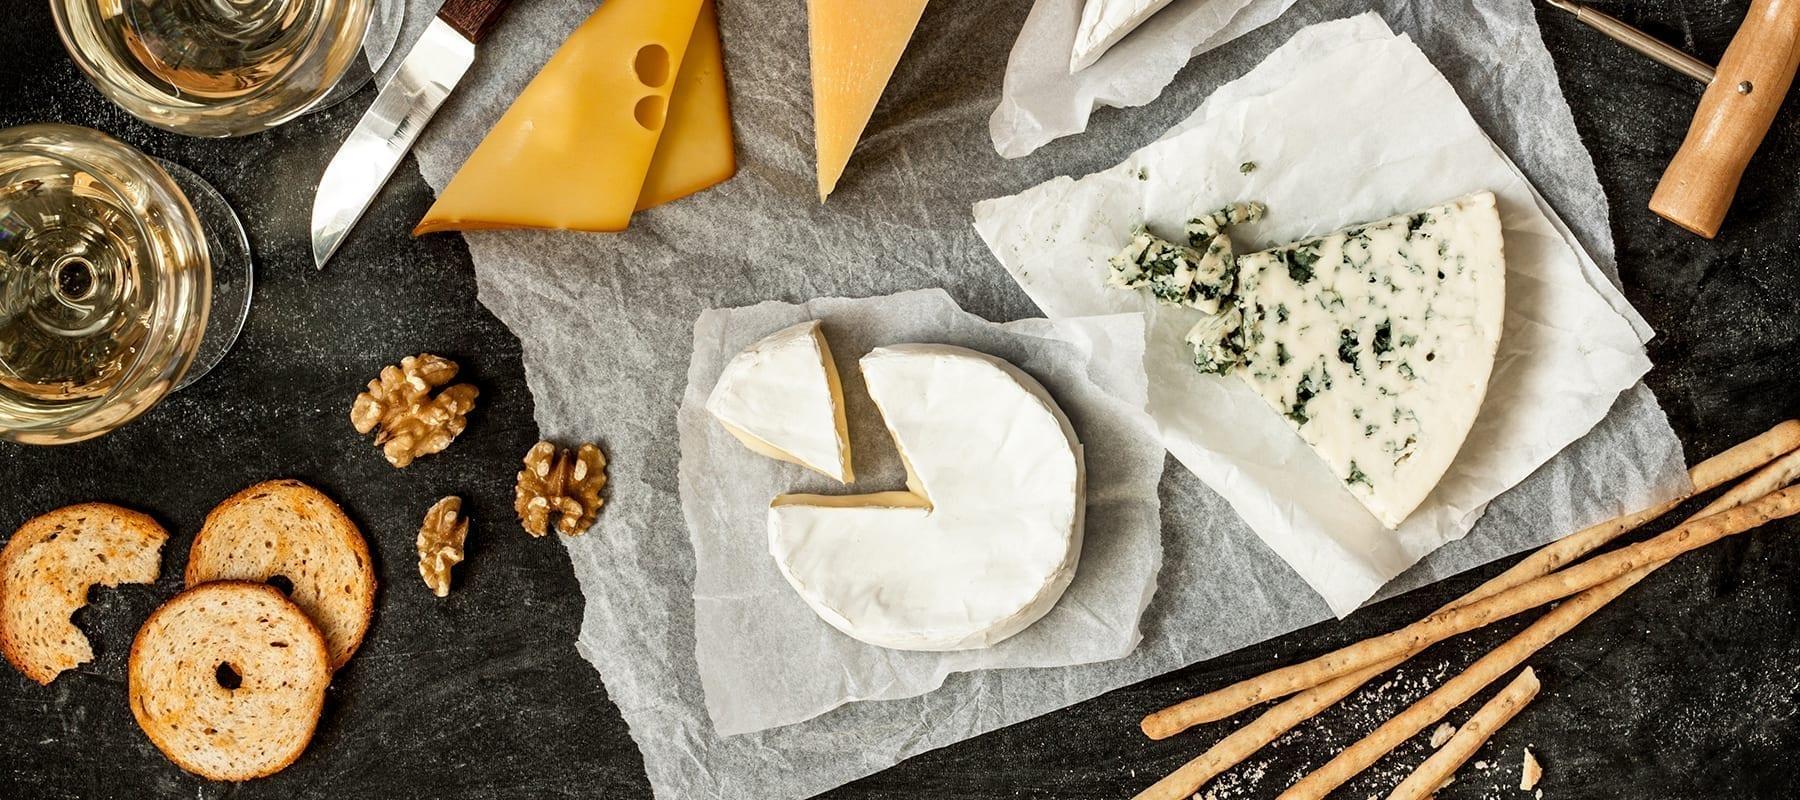 Ostebord med forskellige oste